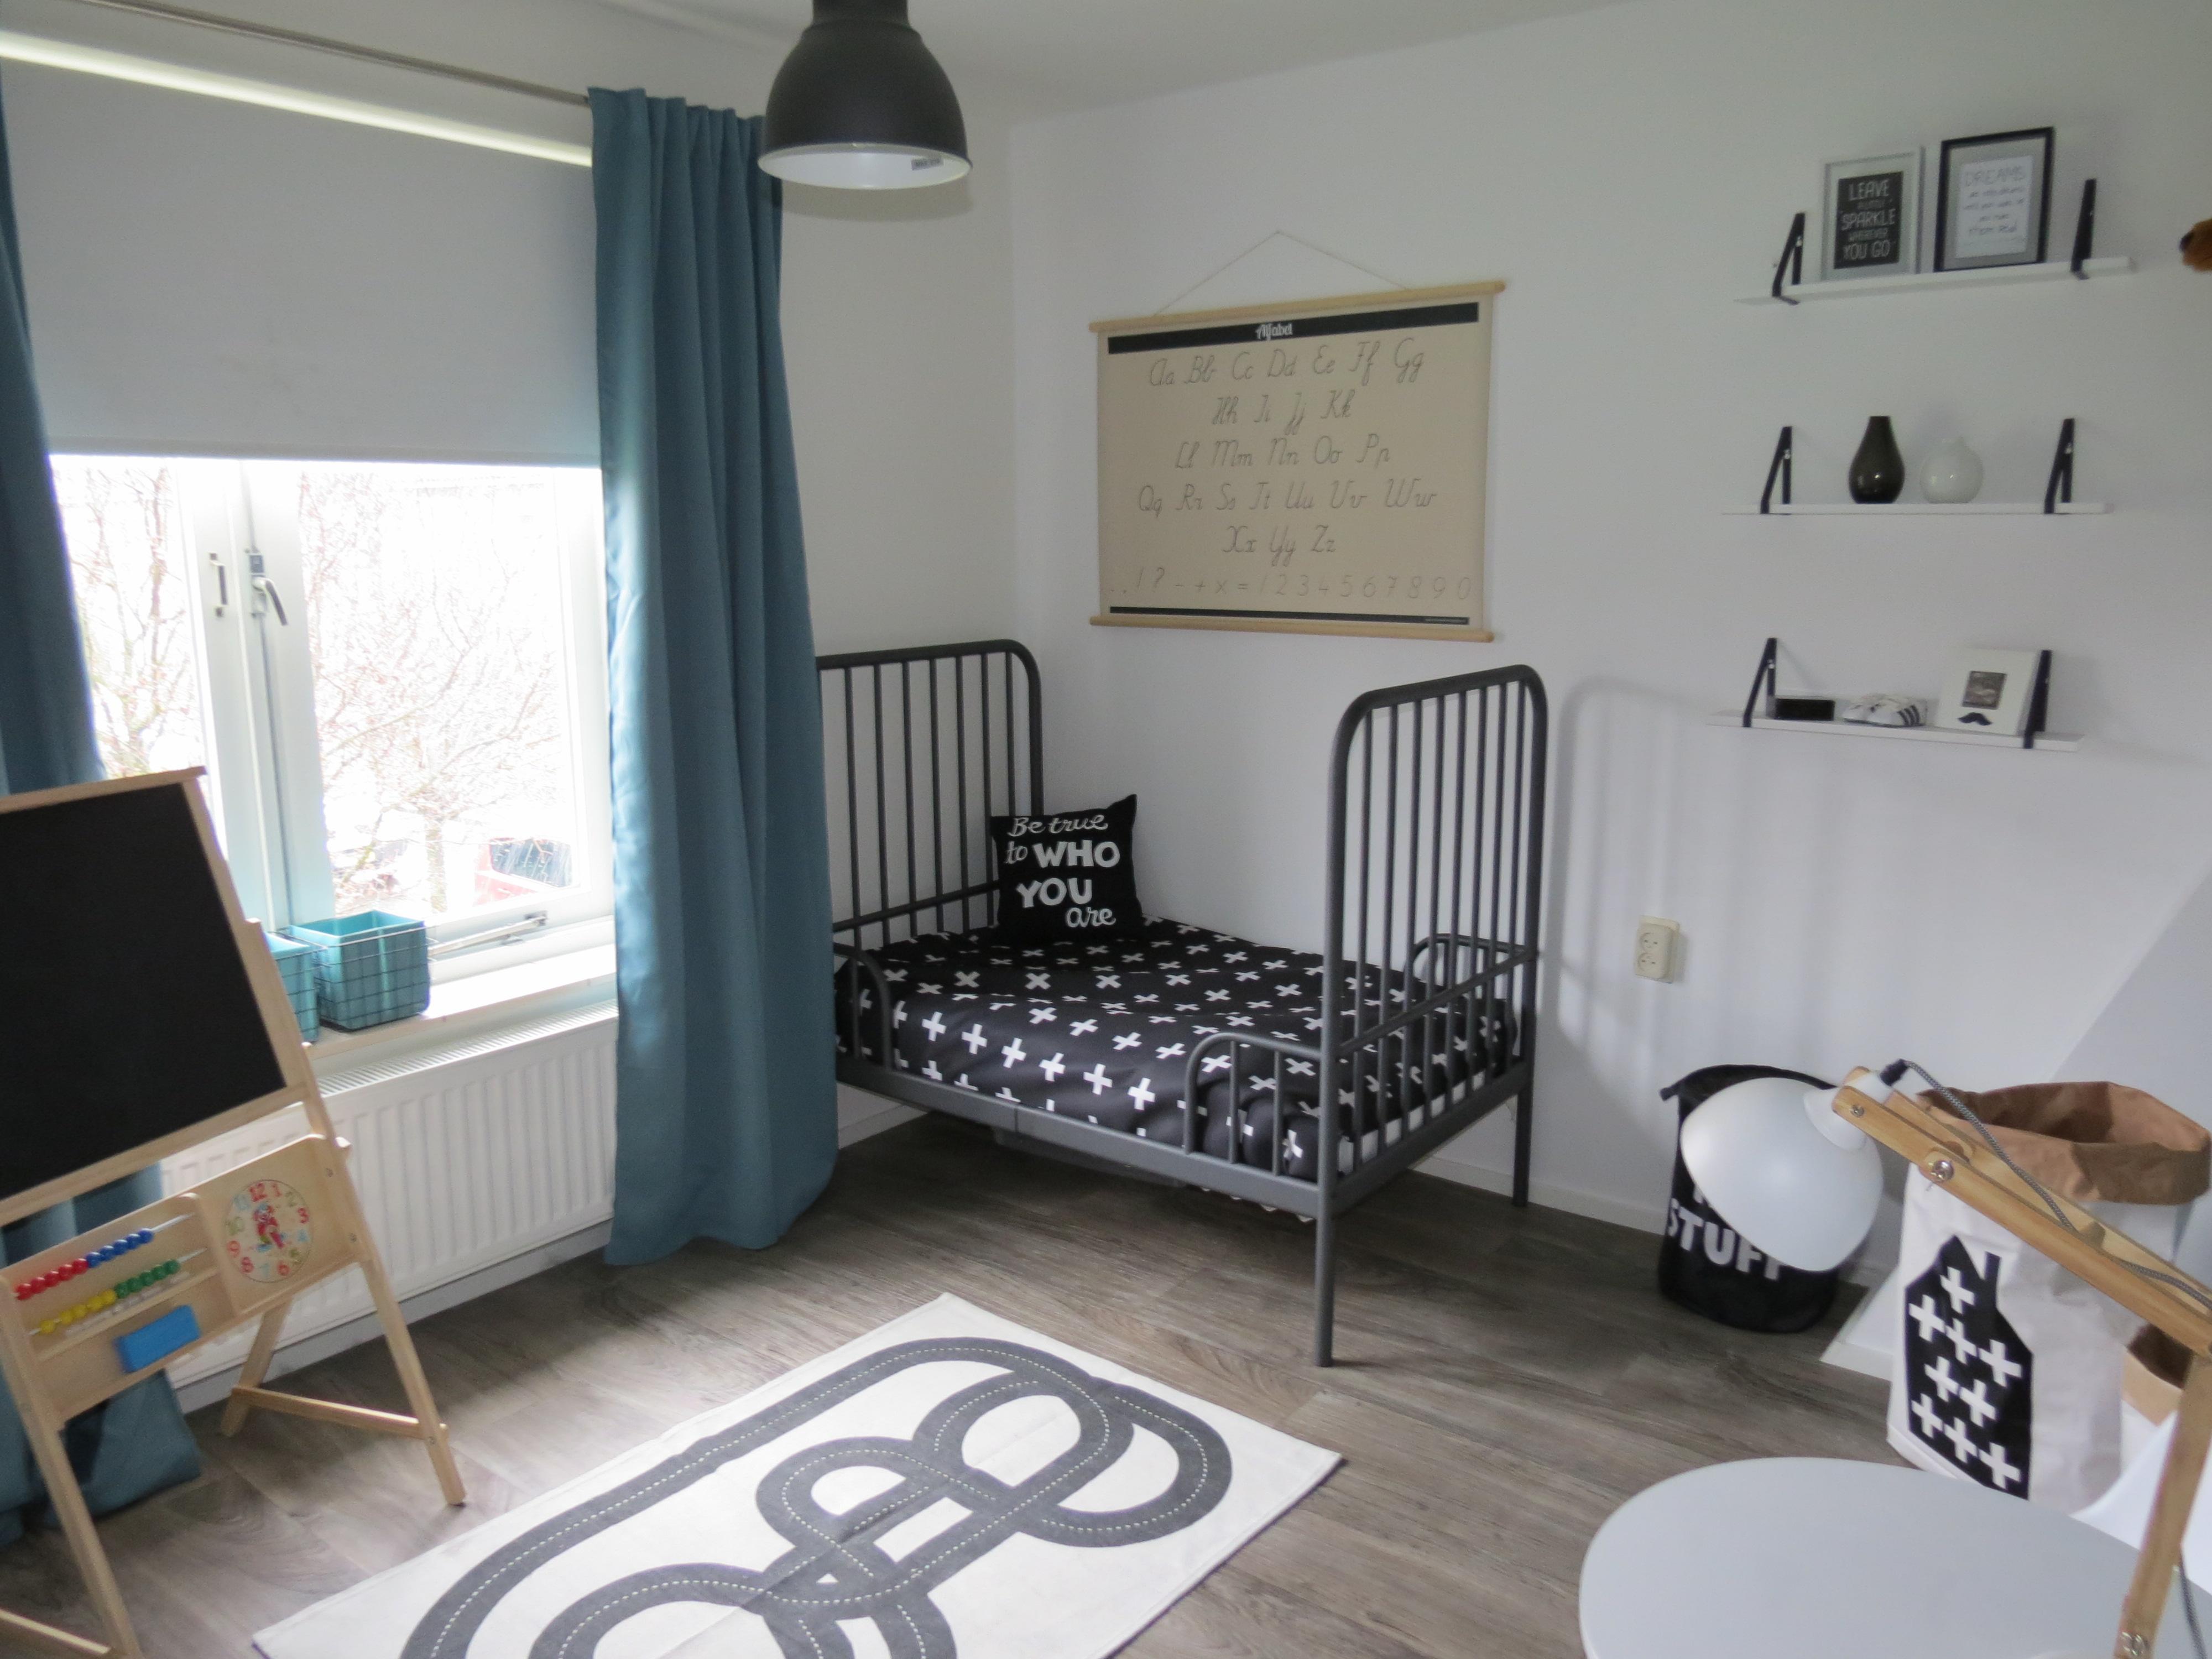 Stoere hanglamp slaapkamer beste inspiratie voor interieur design en meubels idee n - Kamer blauwe jongen grijs ...